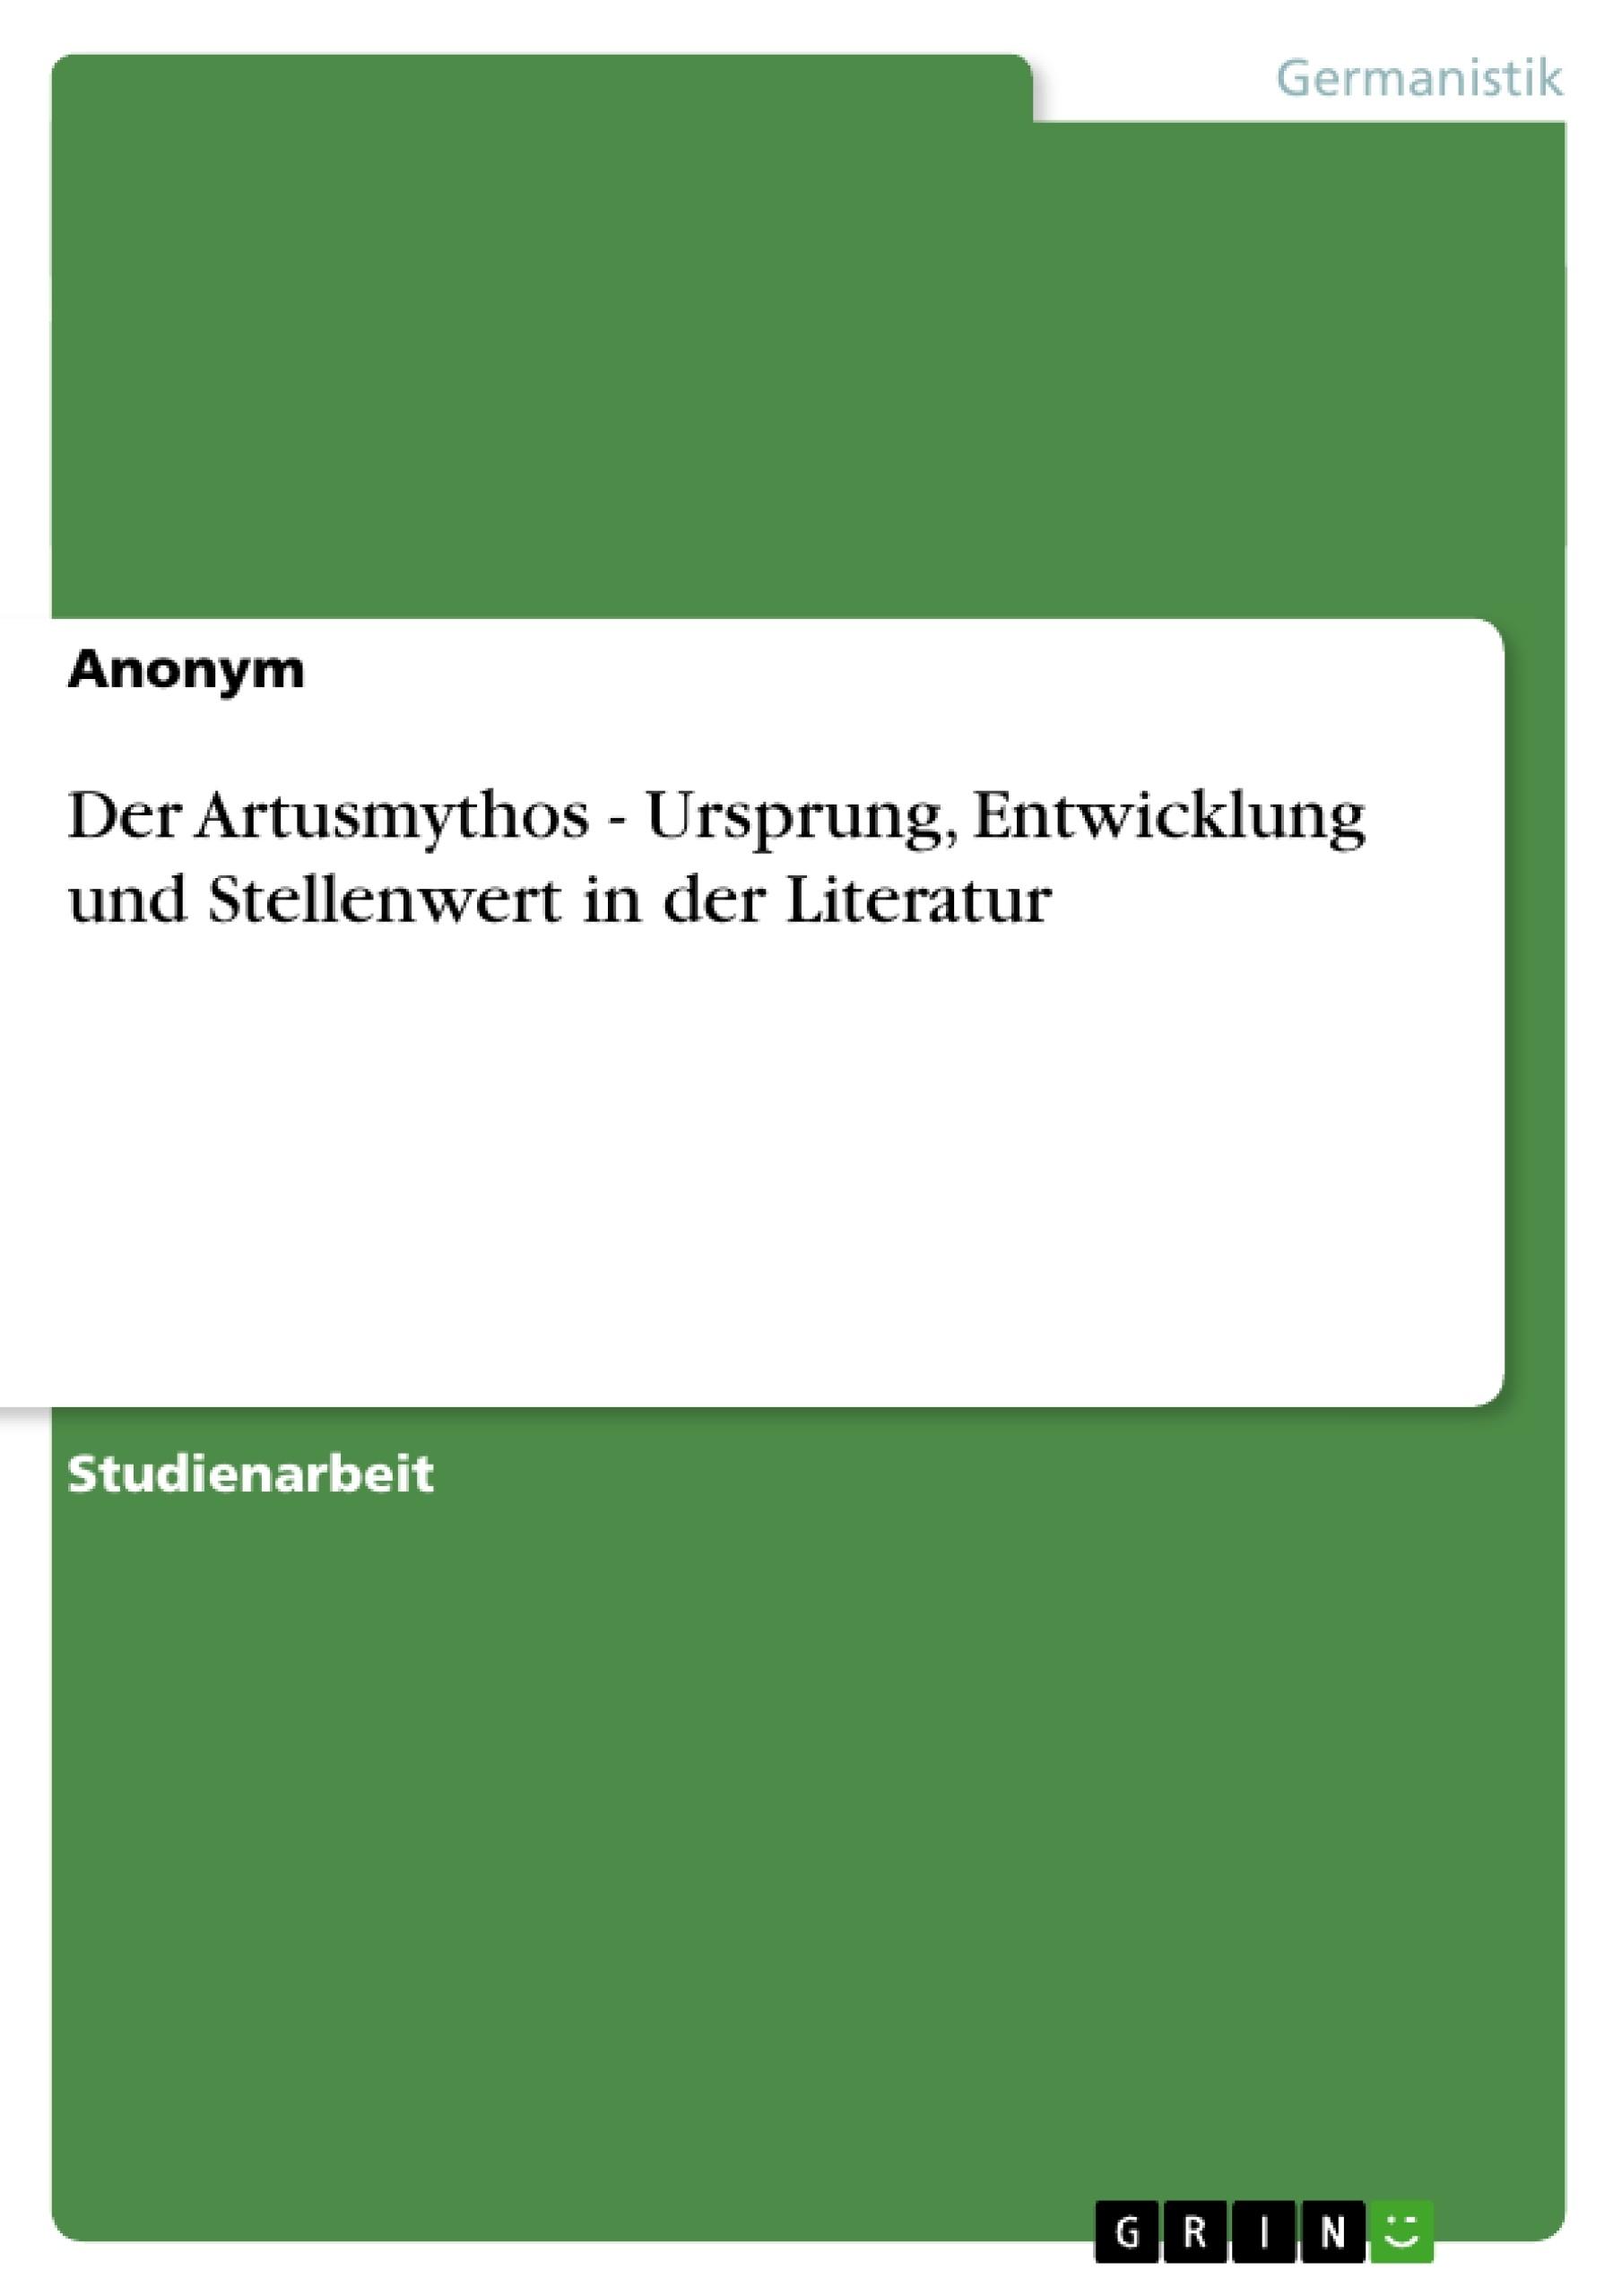 Titel: Der Artusmythos - Ursprung, Entwicklung und Stellenwert in der Literatur